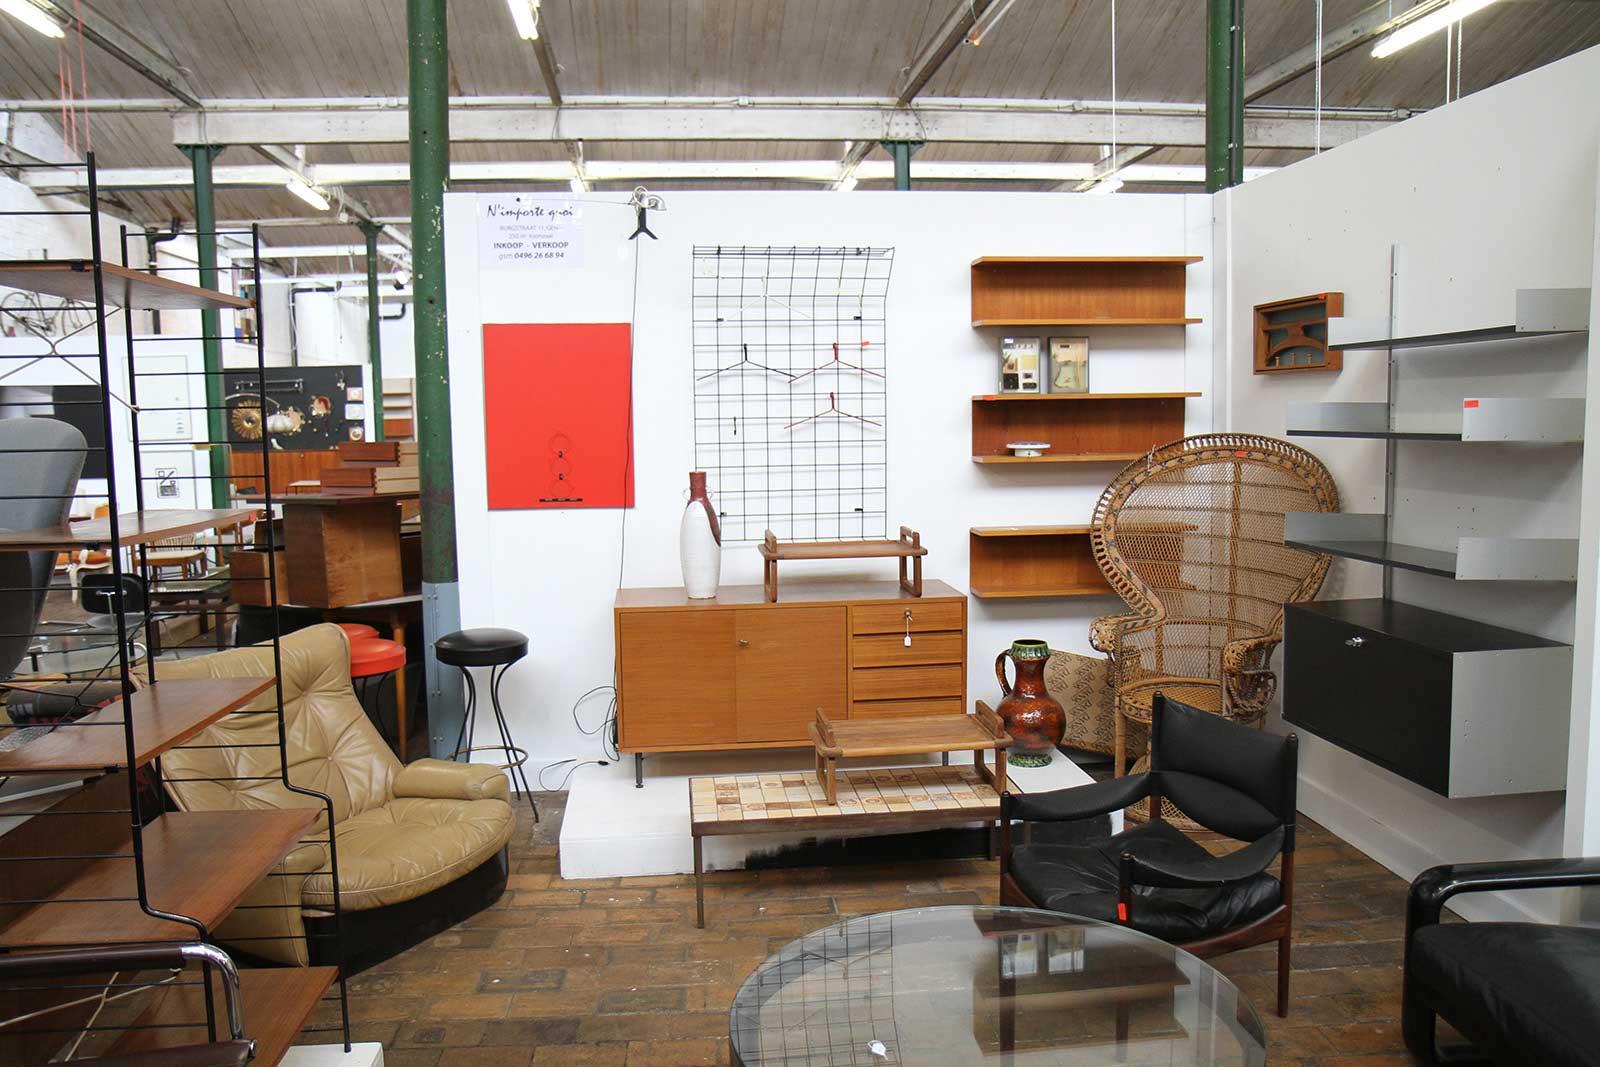 brocante de mobilier vintage gand - Meuble Design Vintage